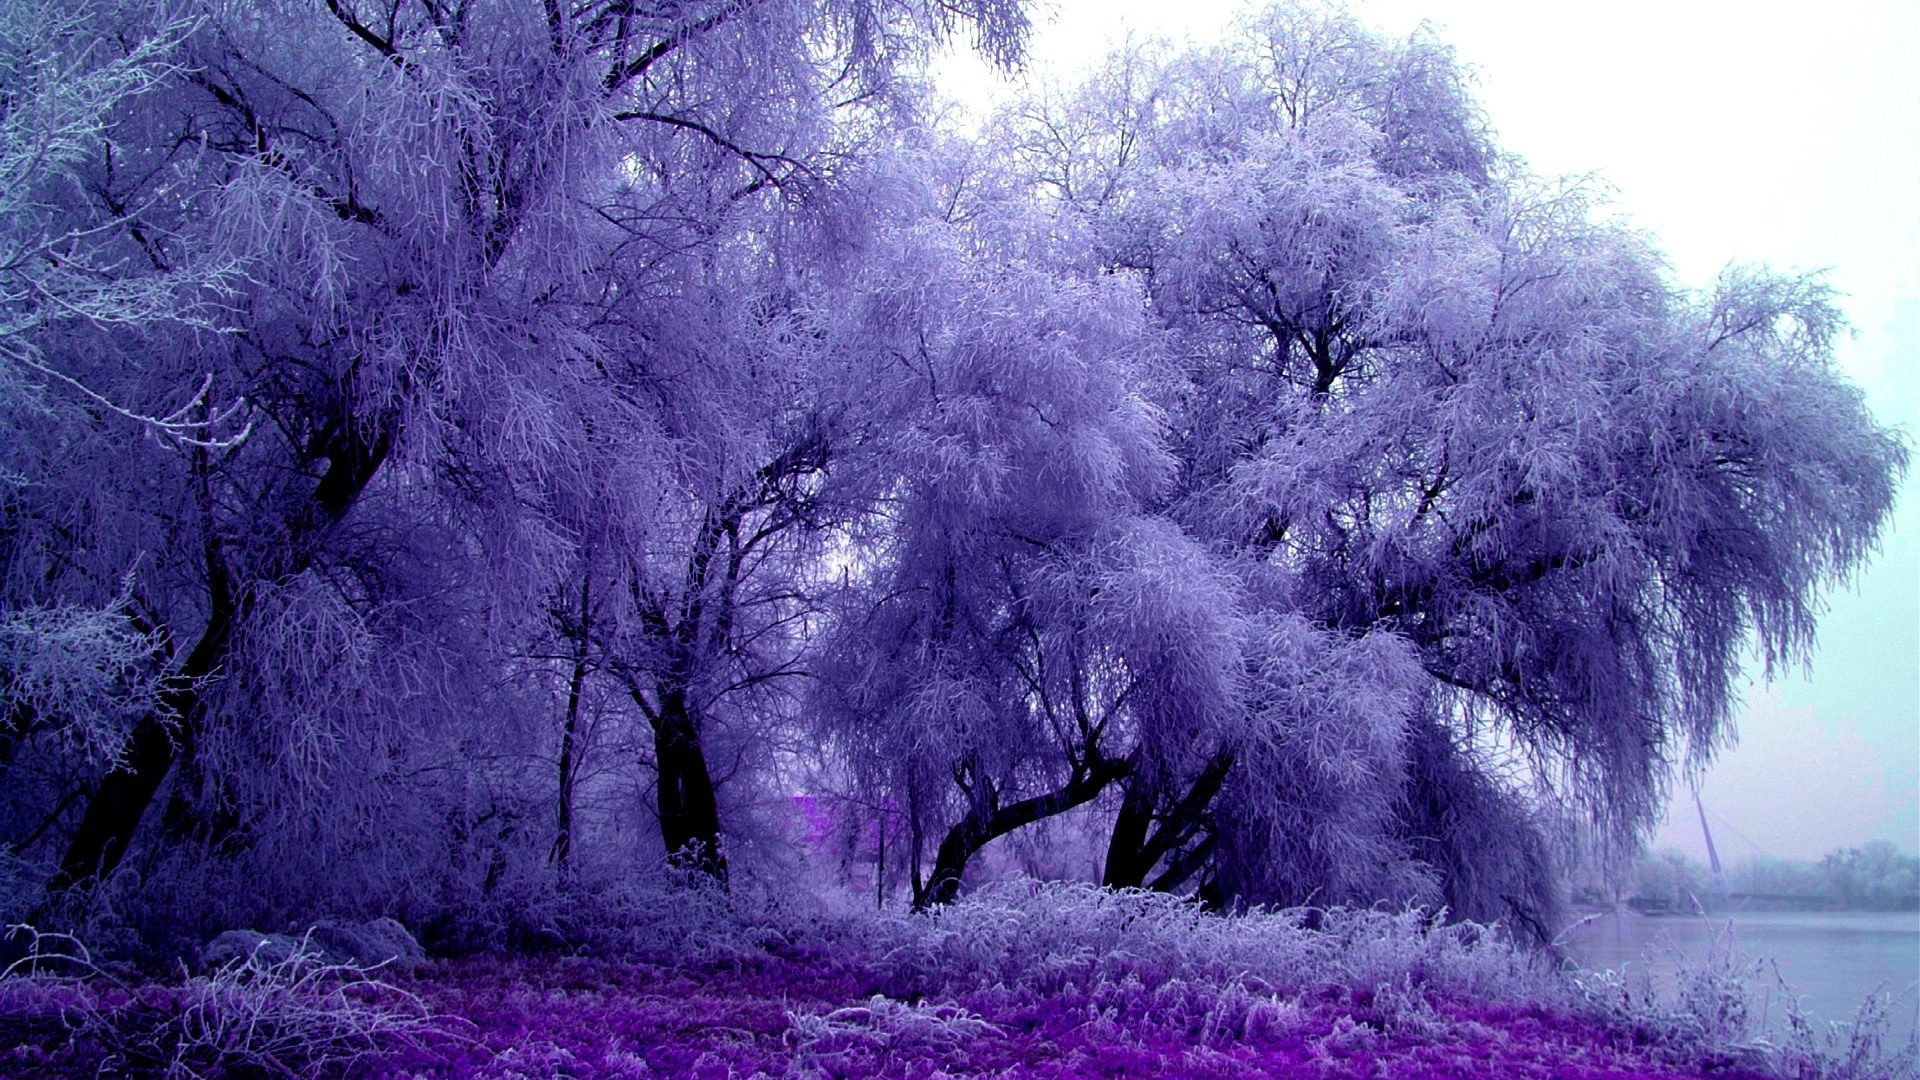 картинки фиолетовый пейзаж такой ограды имеет